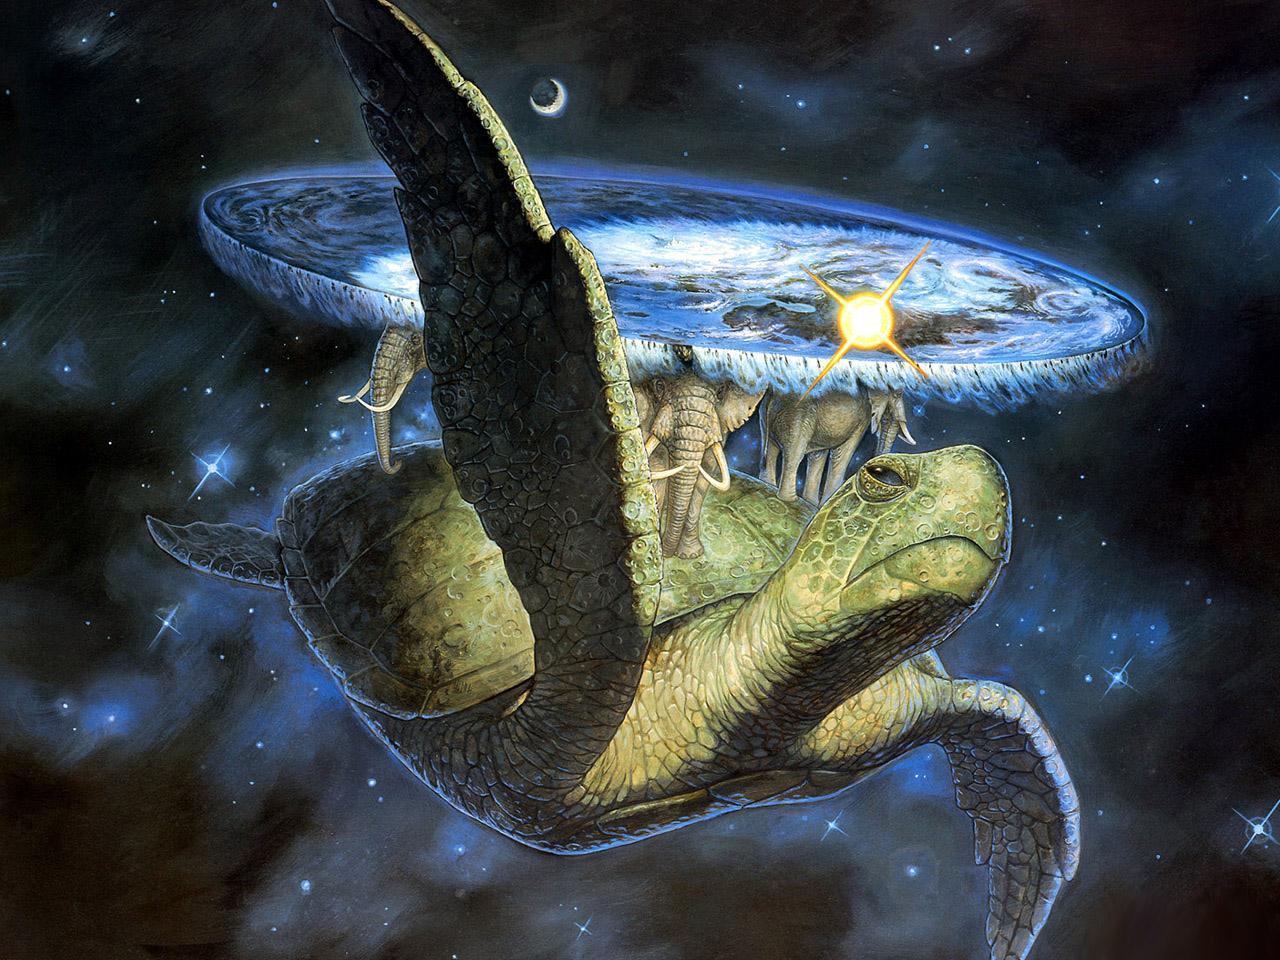 http://astronomy.net.ua/uploads/posts/2012-01/1325514477_591cb3d562140092d88d0ae28fc975f6_full.jpg